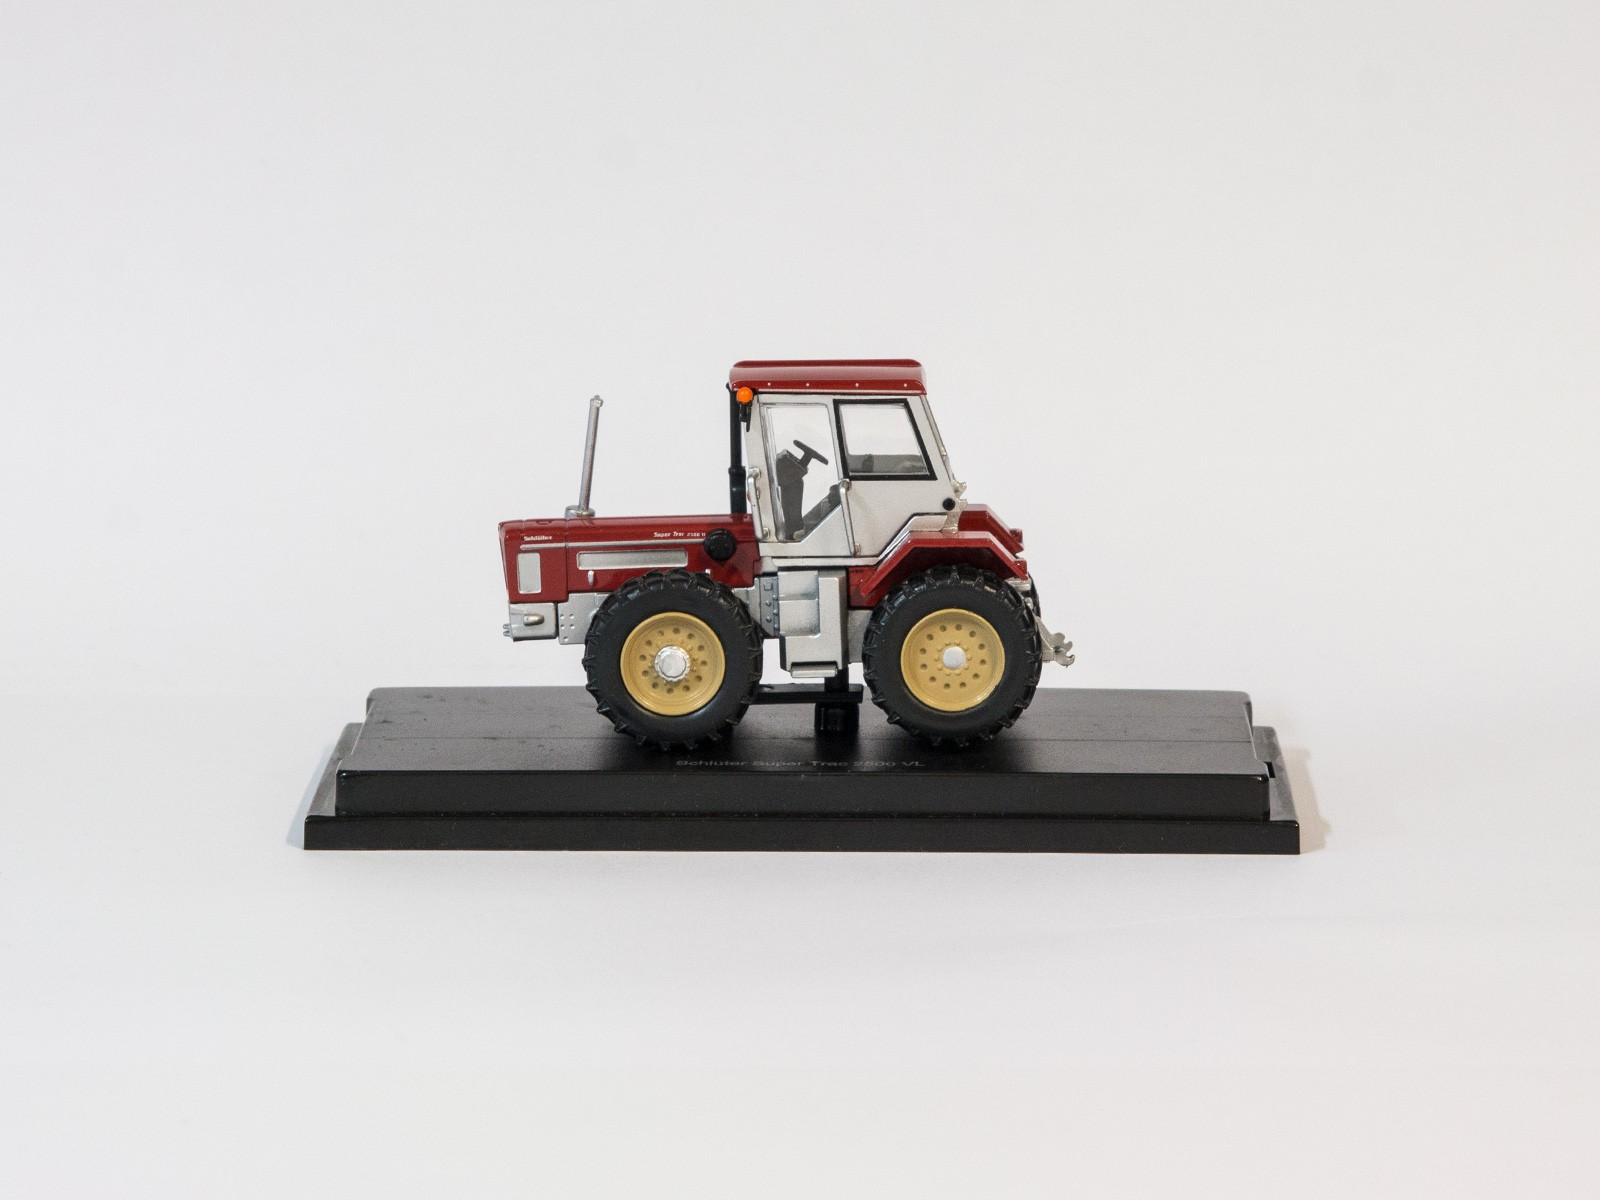 Schuco 25882 H0 Schlüter Super Trac 2500 VL